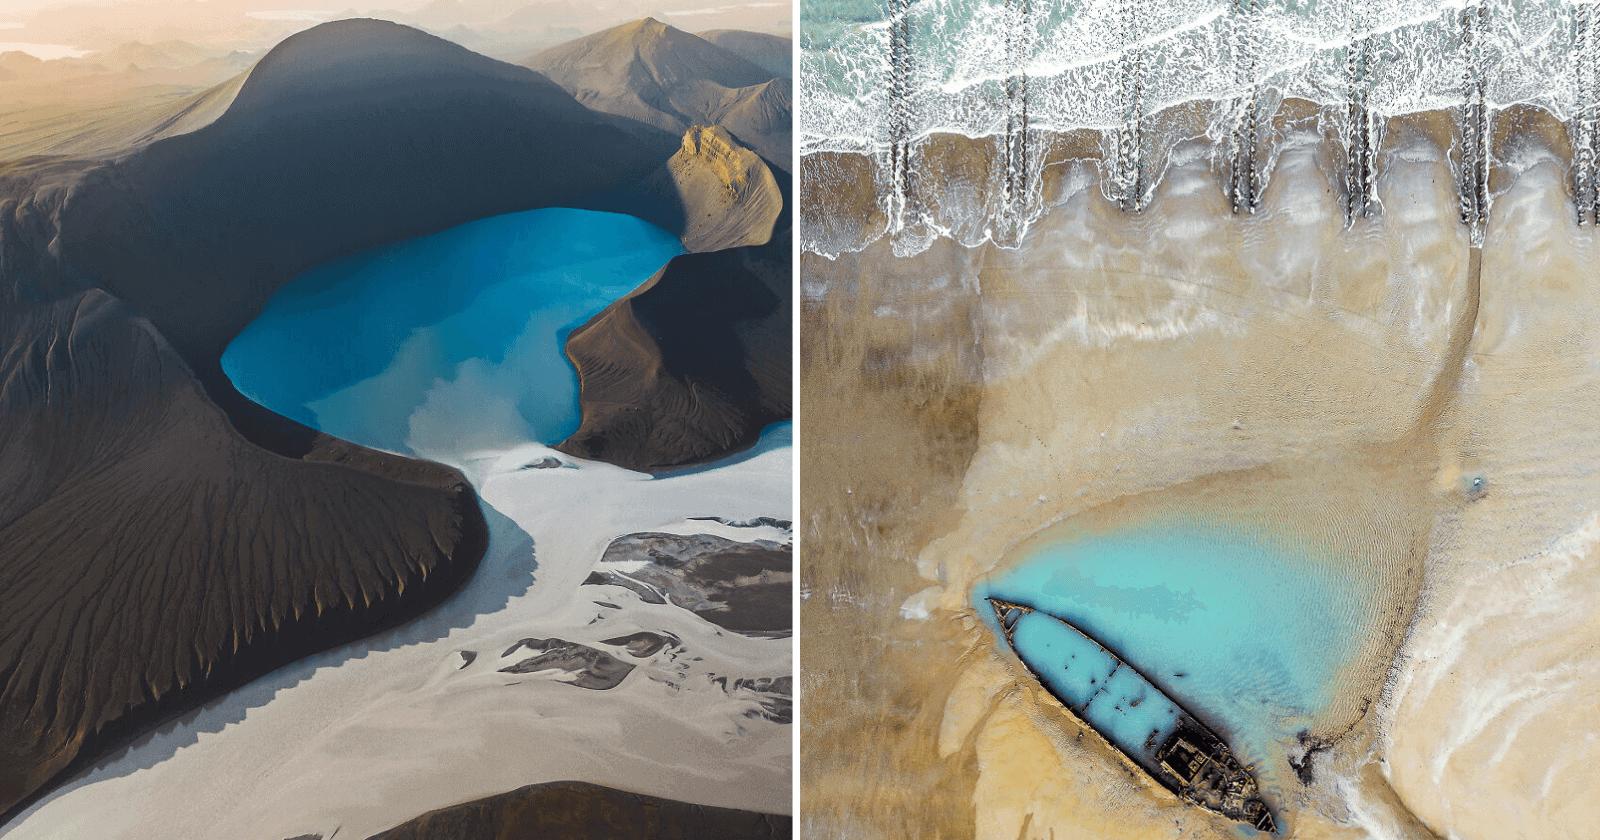 Concurso de fotografia aérea anuncia vencedores e reúne fotos COMPLETAMENTE SURREAIS